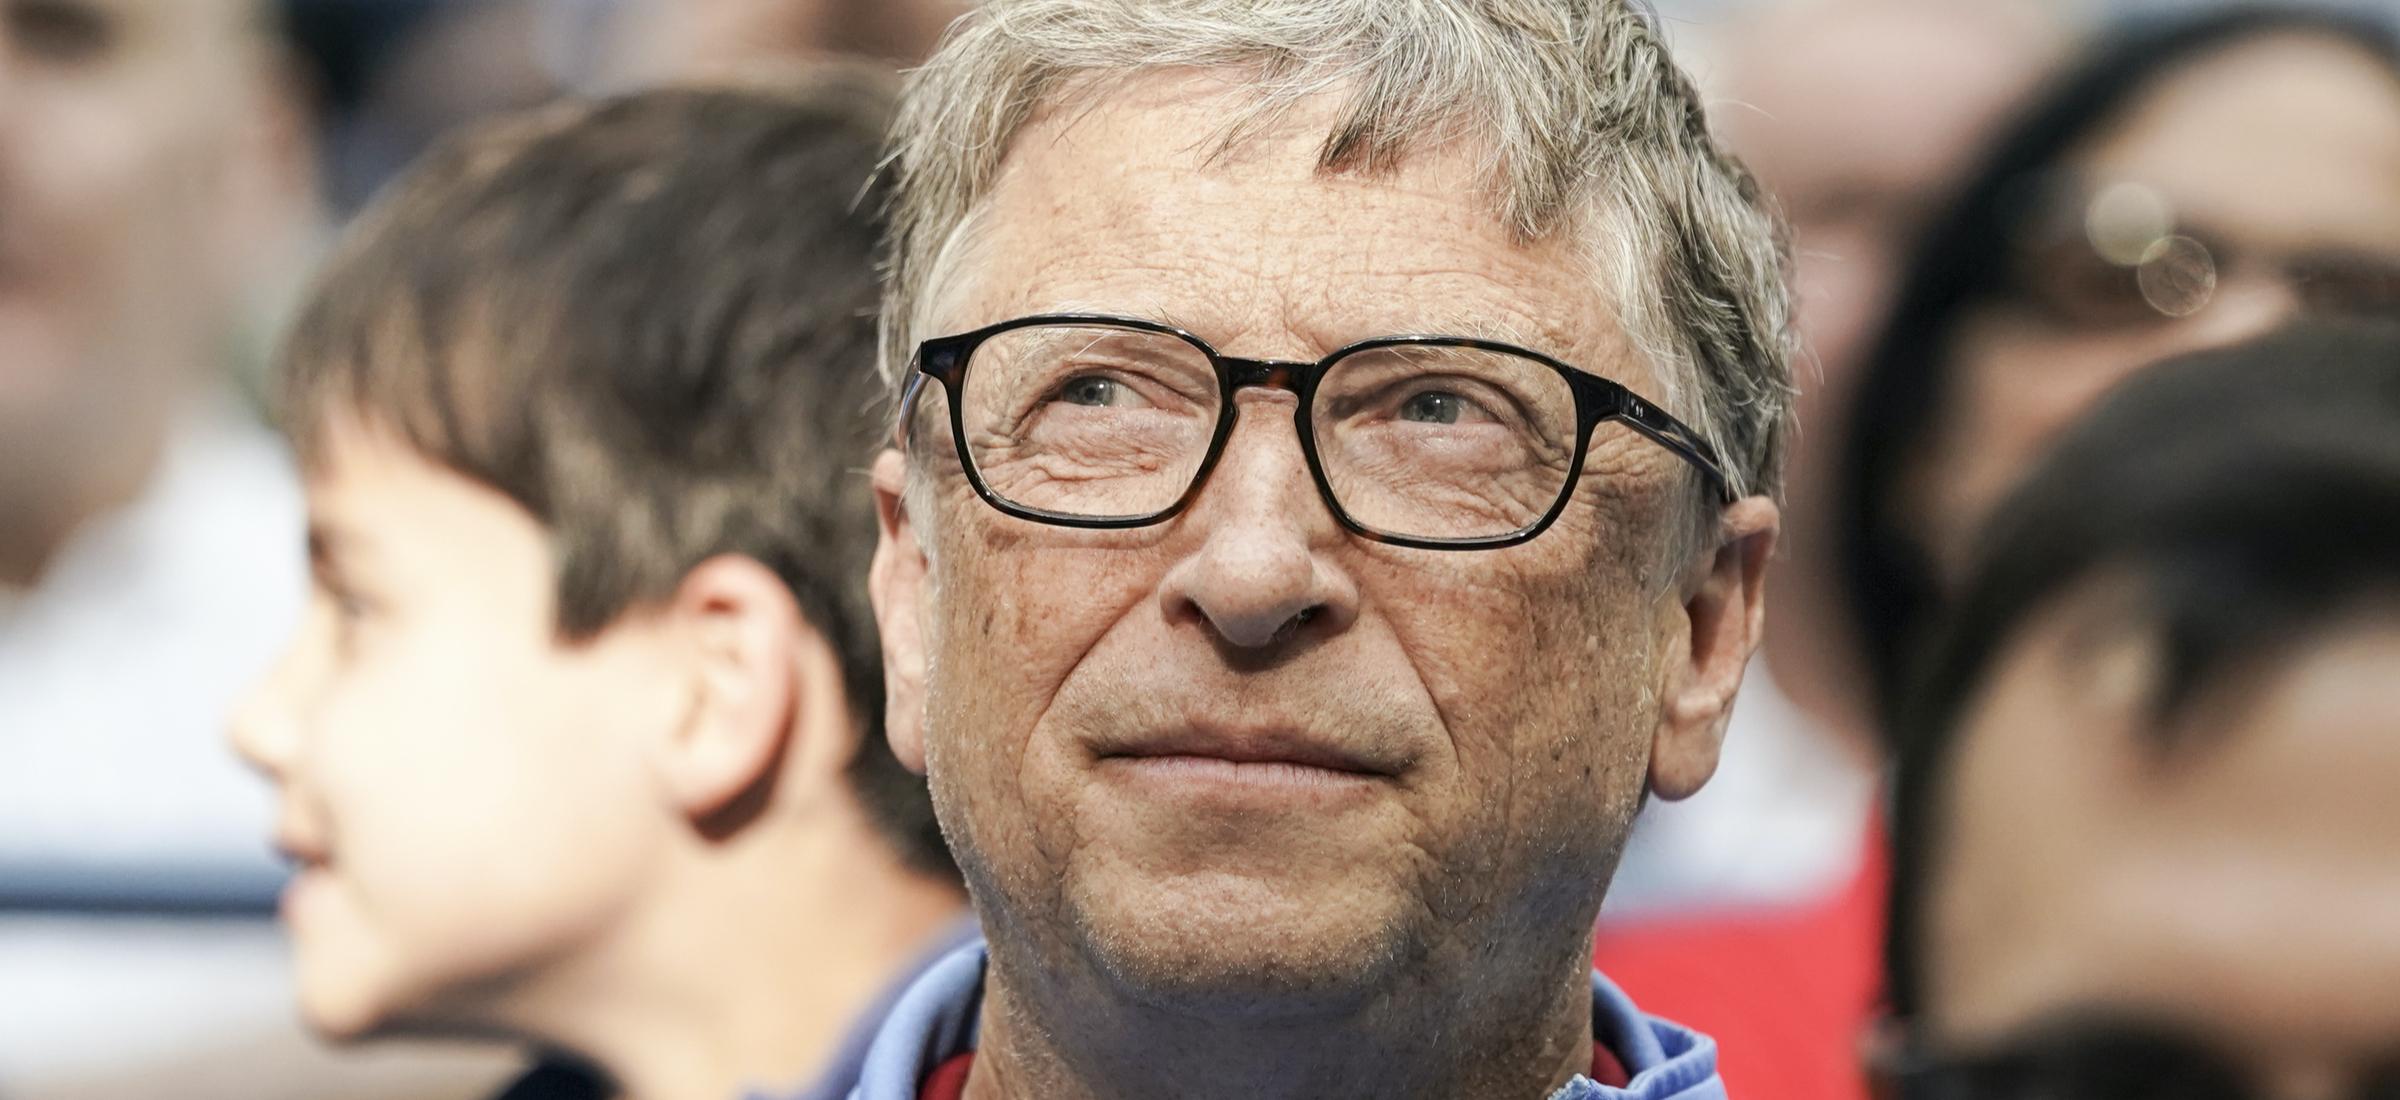 """Bill Gatesek bere buruari konspirazio teoriei buruz hitz egin zuen.  """"Zaila da ukatzea"""""""